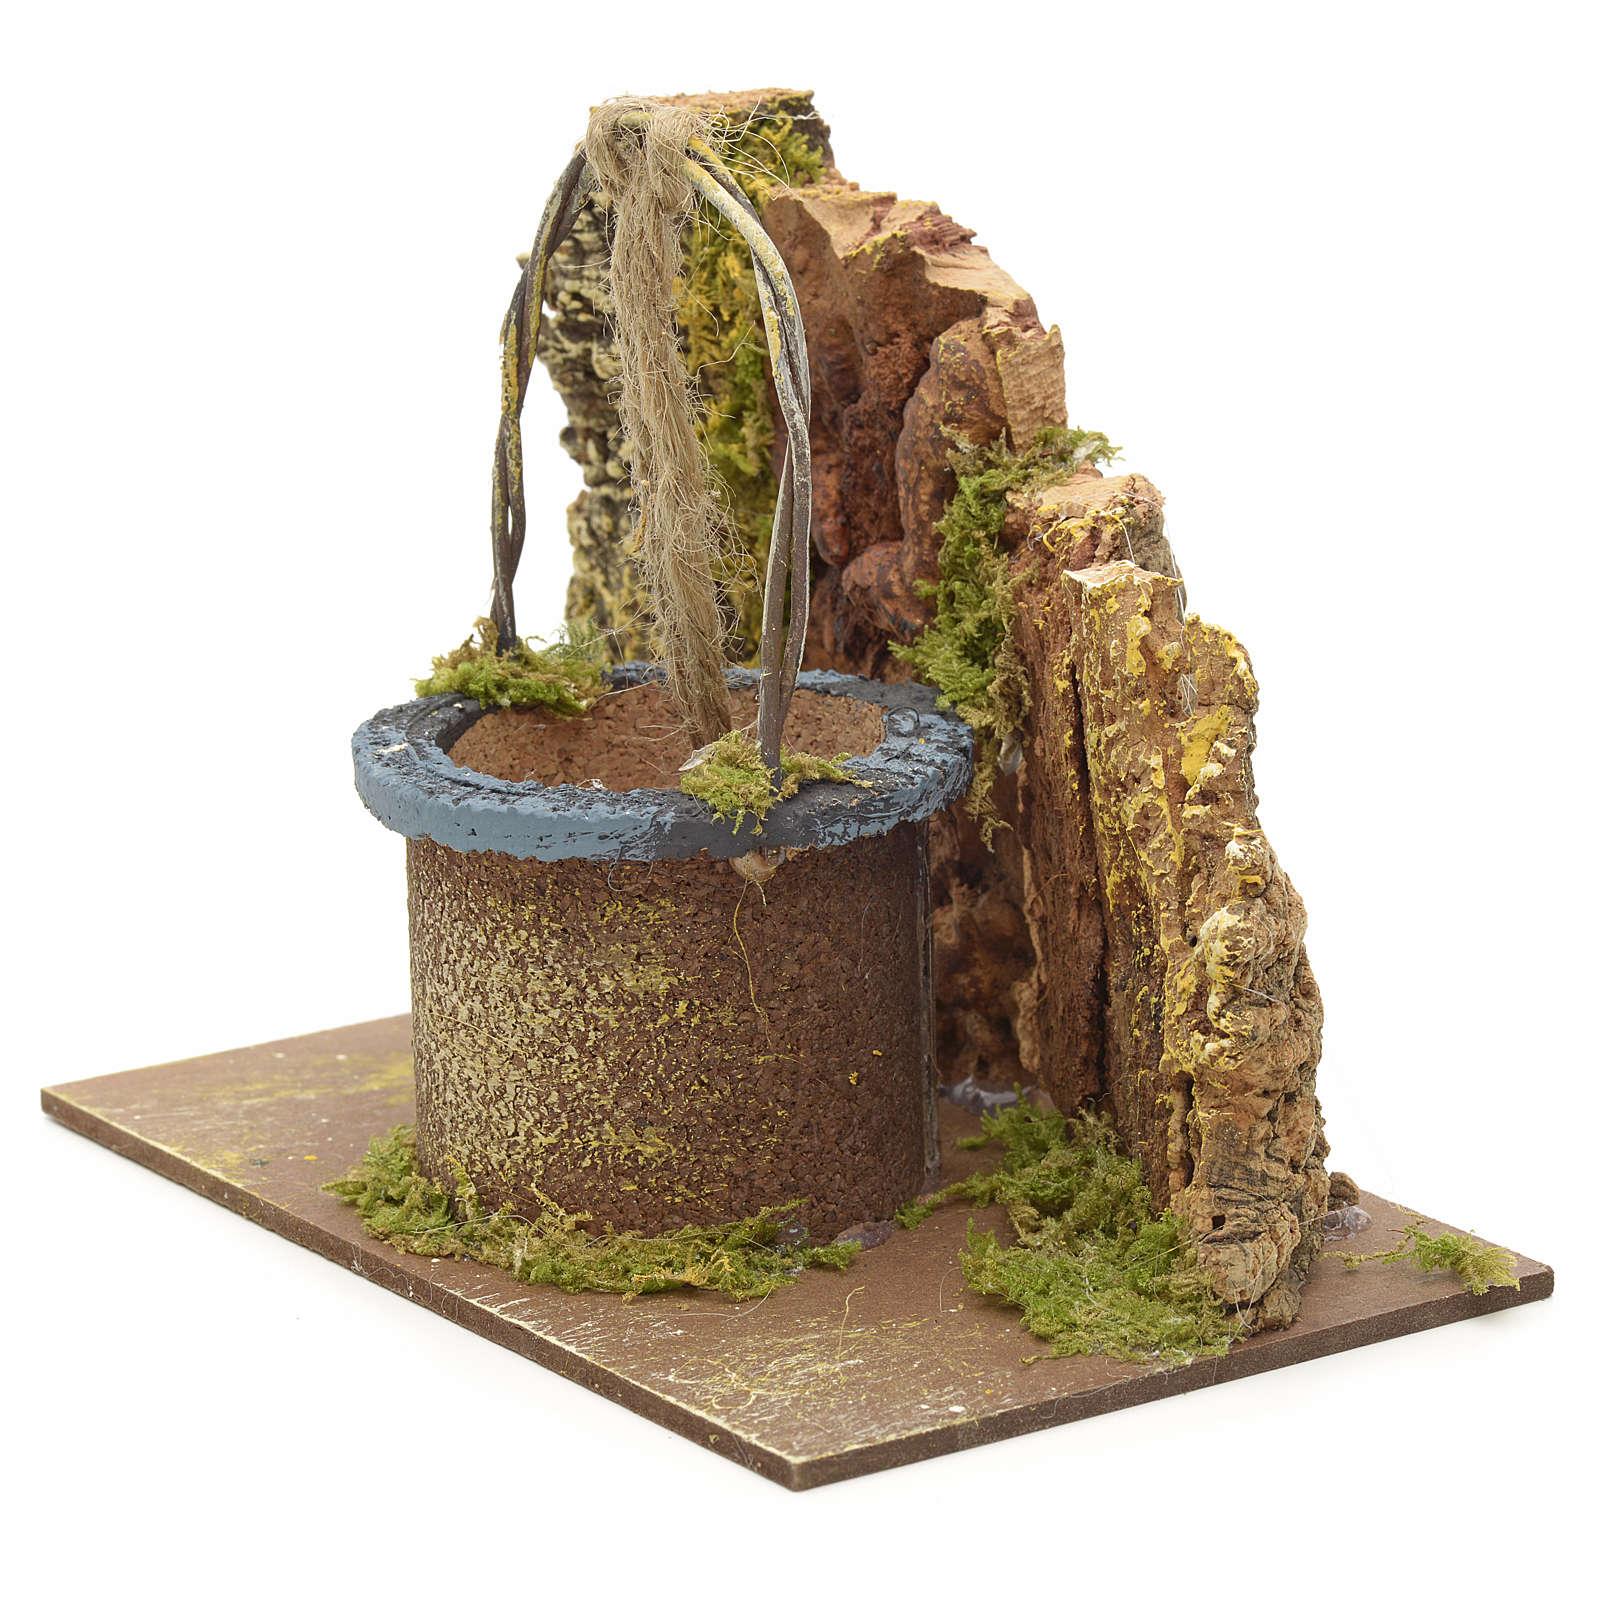 Puits en miniature pour crèche 12x15x10cm sur base 4